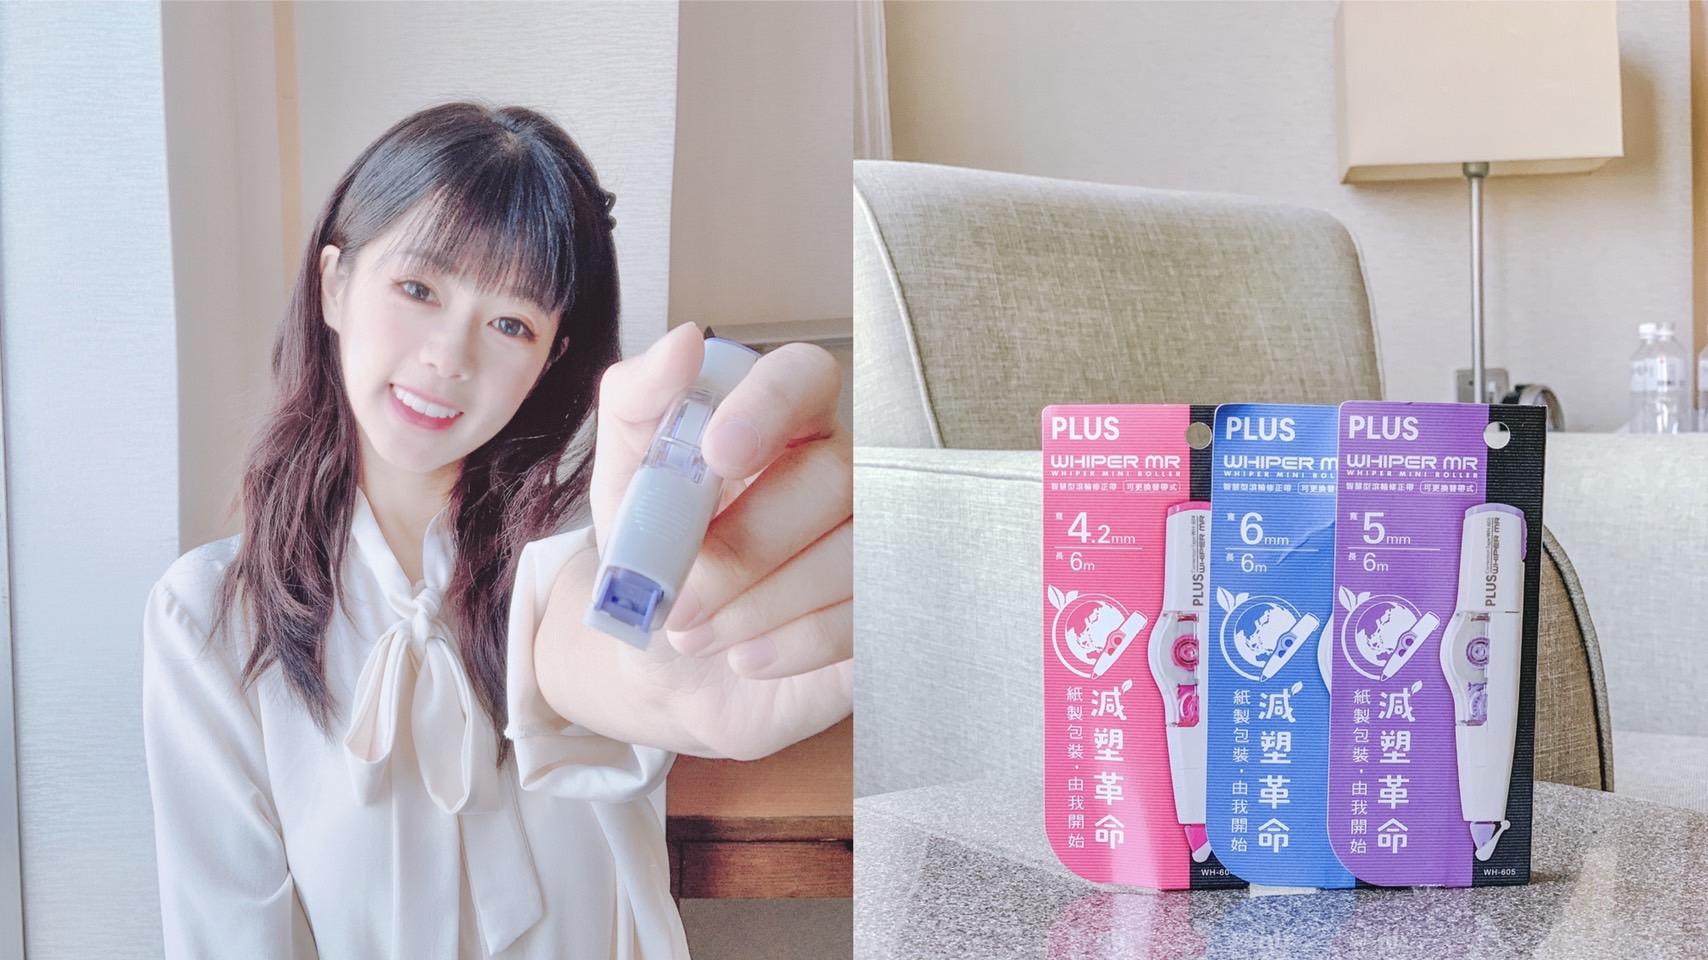 修正帶推薦-台灣普樂士PLUS- PLIS MR修正帶,減塑革命新包裝上市!一起環保愛地球。